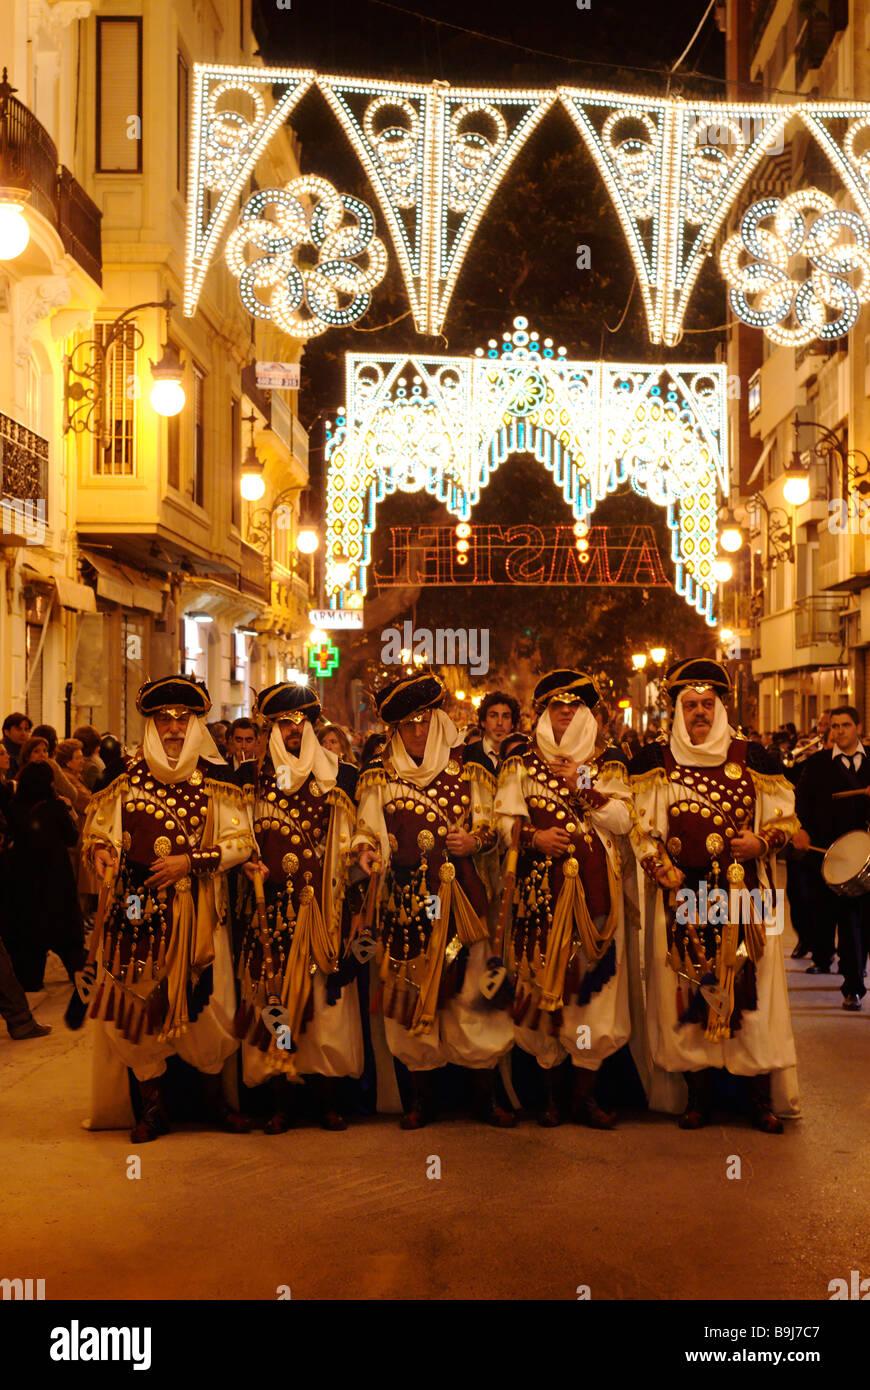 Parade de costumes d'envahisseurs arabes Moros Las Fallas au cours de célébrations dans les rues de Photo Stock